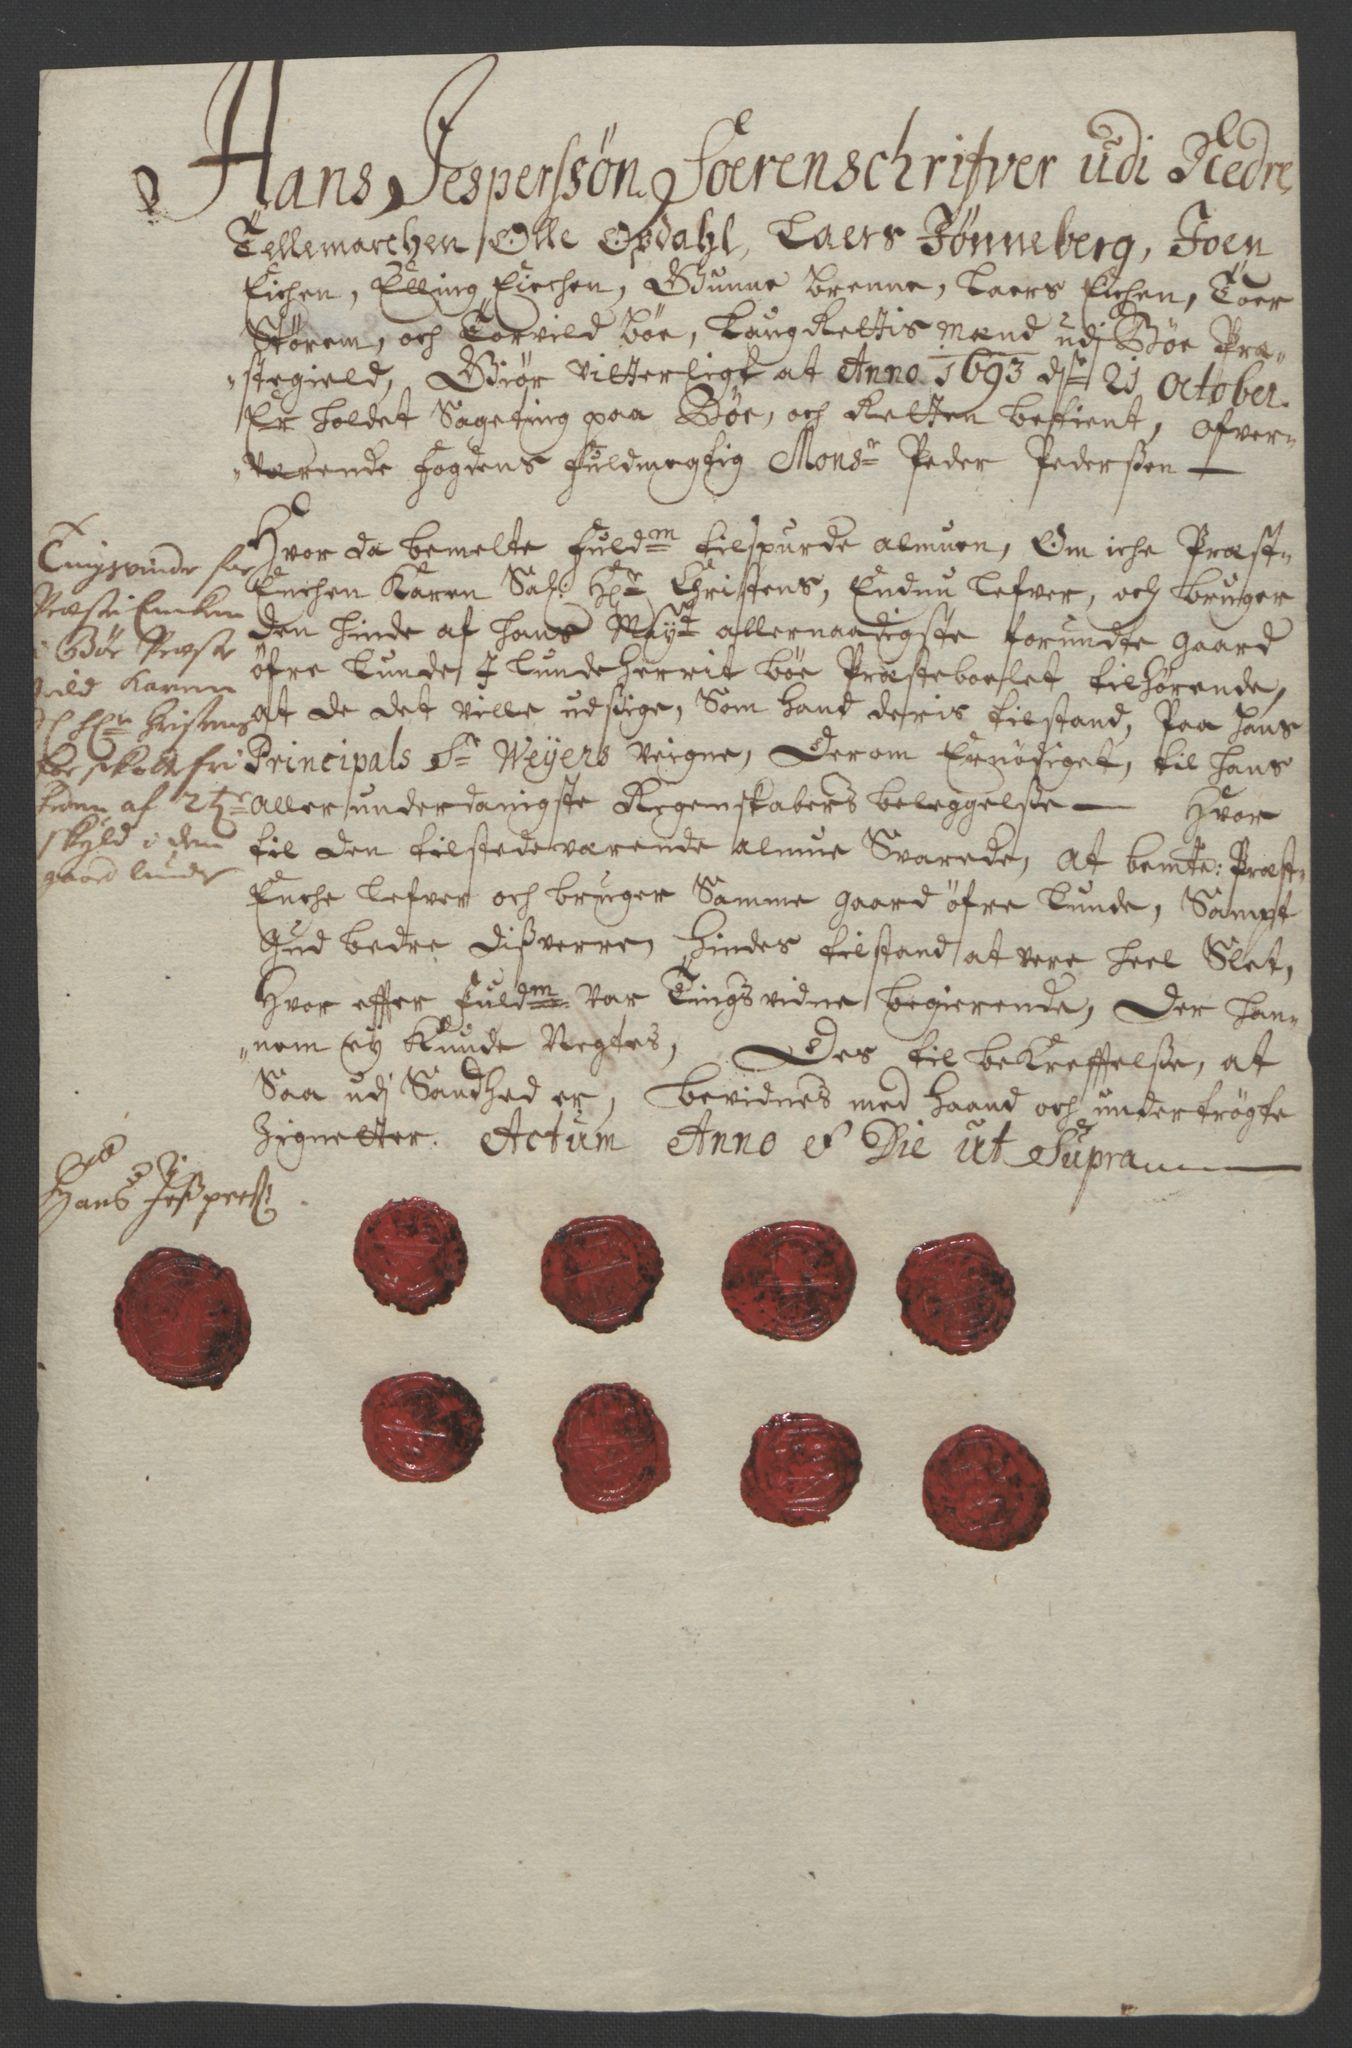 RA, Rentekammeret inntil 1814, Reviderte regnskaper, Fogderegnskap, R35/L2091: Fogderegnskap Øvre og Nedre Telemark, 1690-1693, s. 321